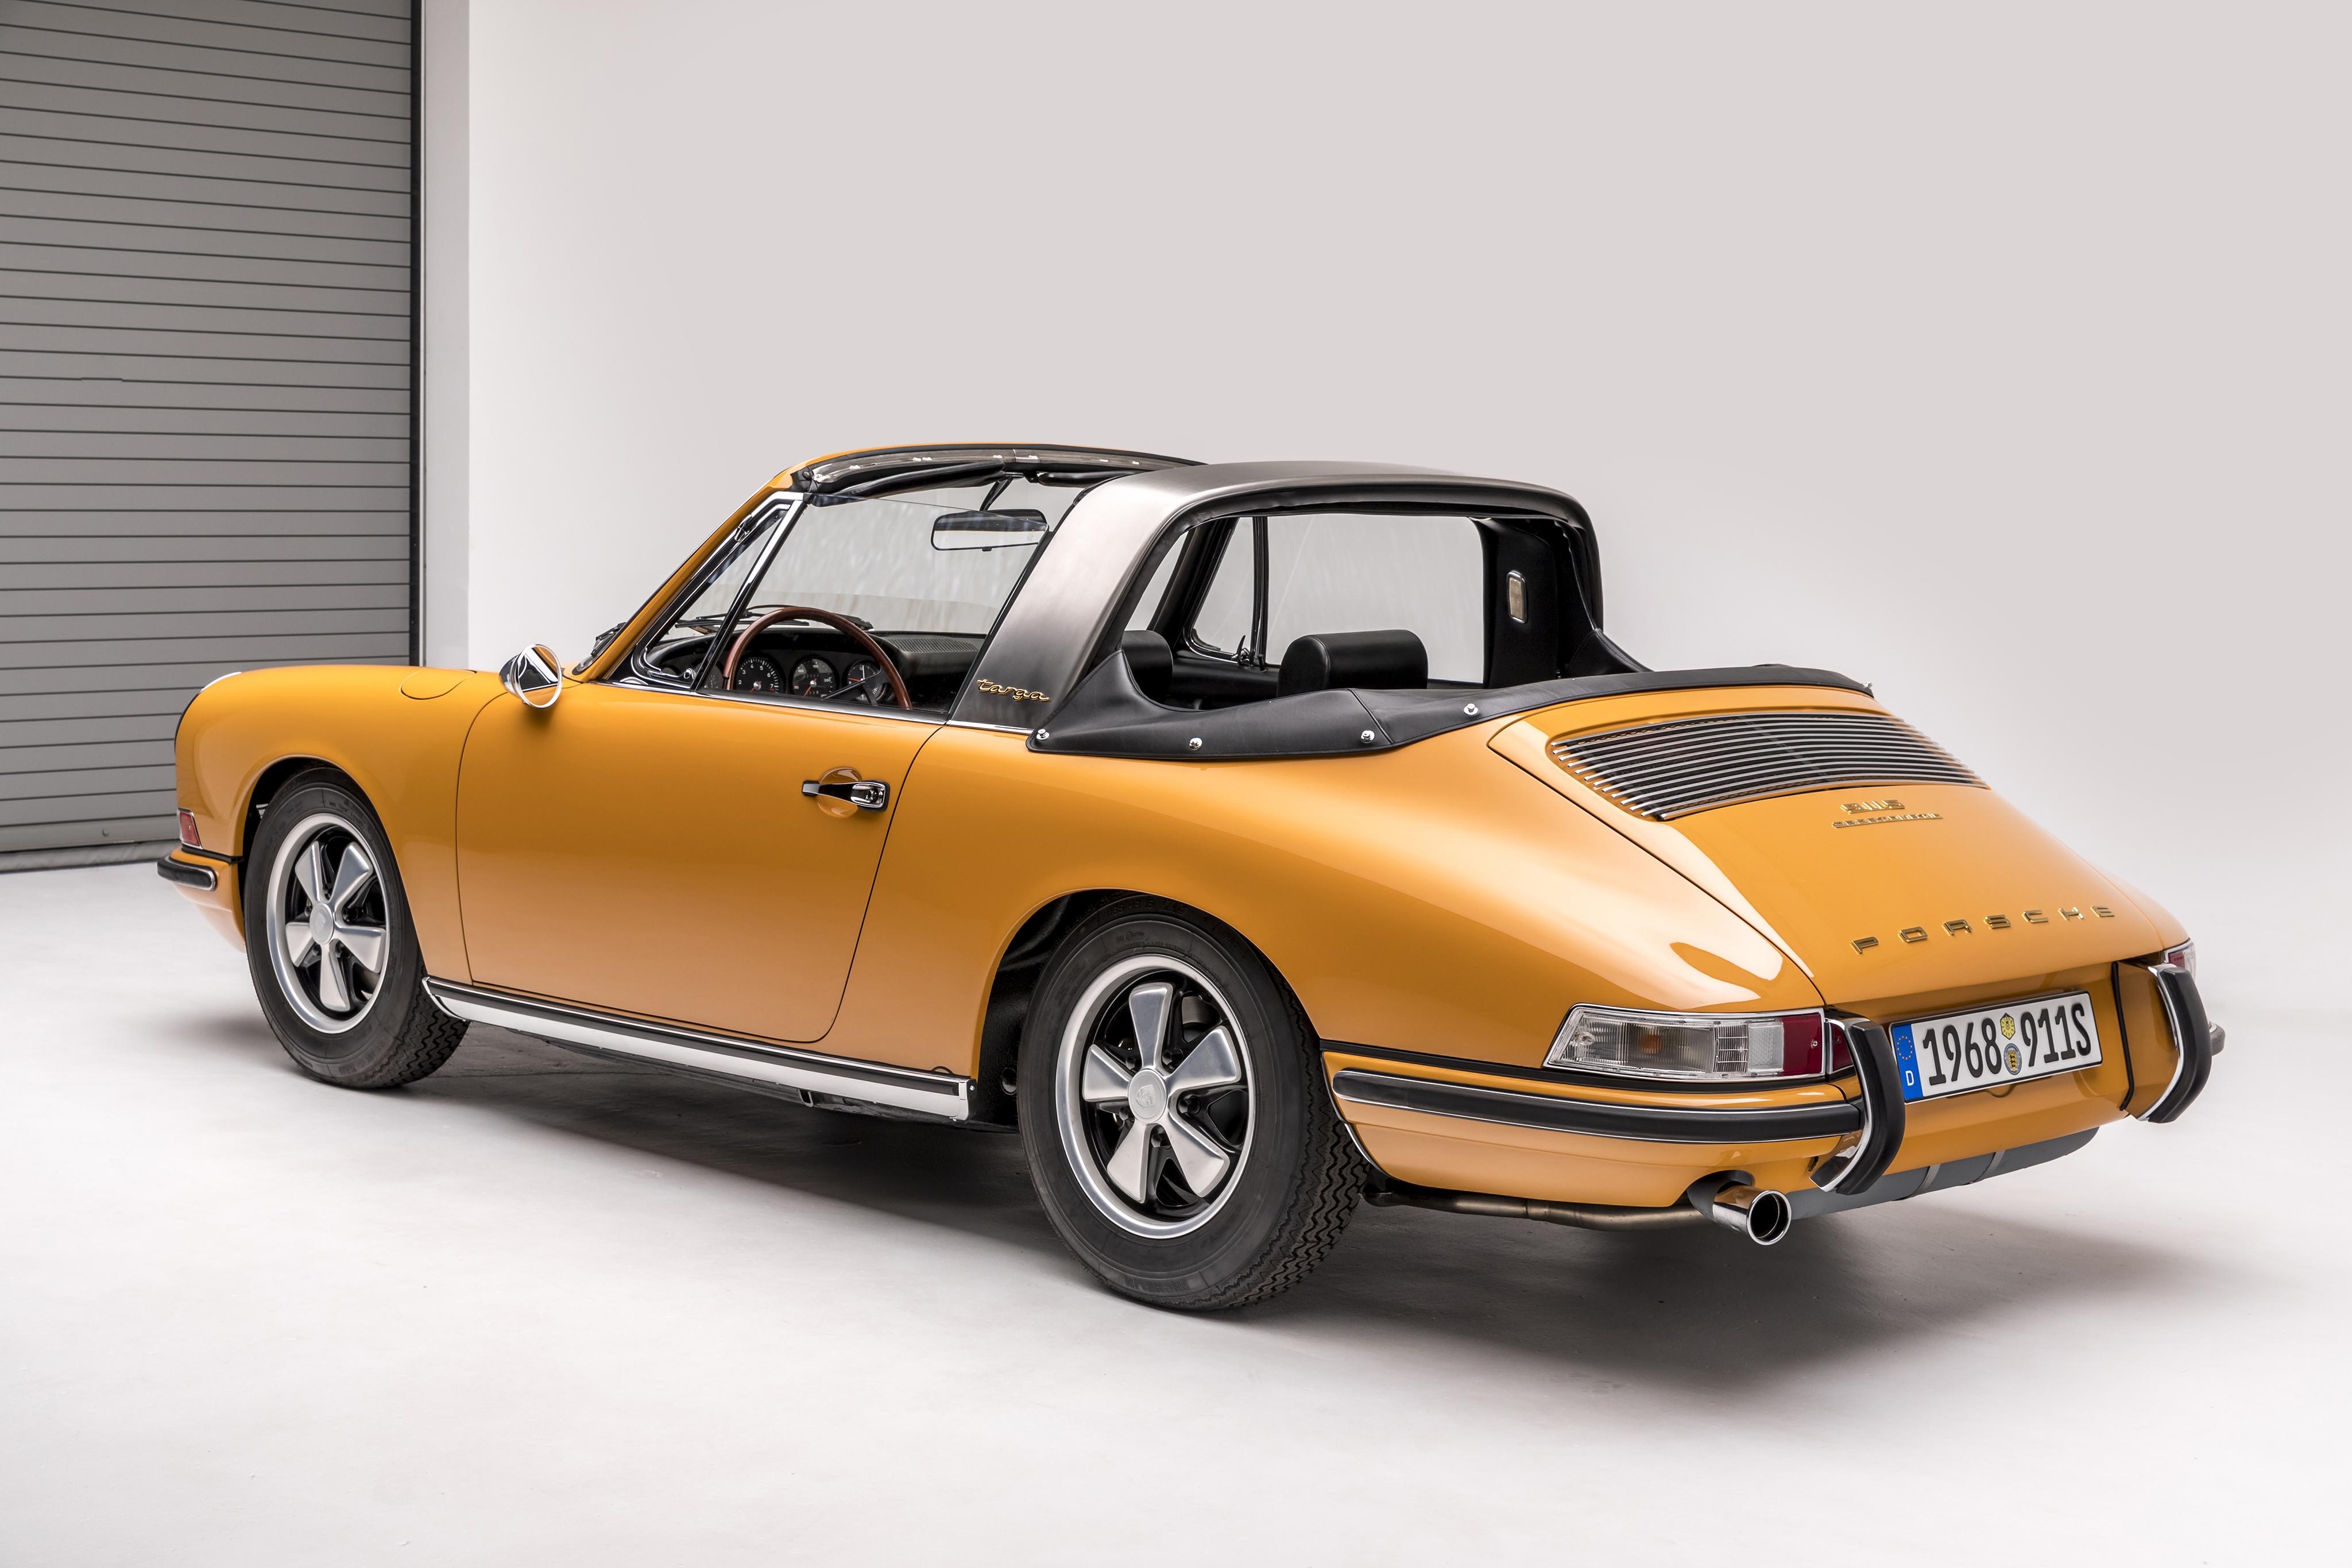 Porsche 911 Targa 4S Exclusive Design Edition Wears ...  Classic Porsche Targa